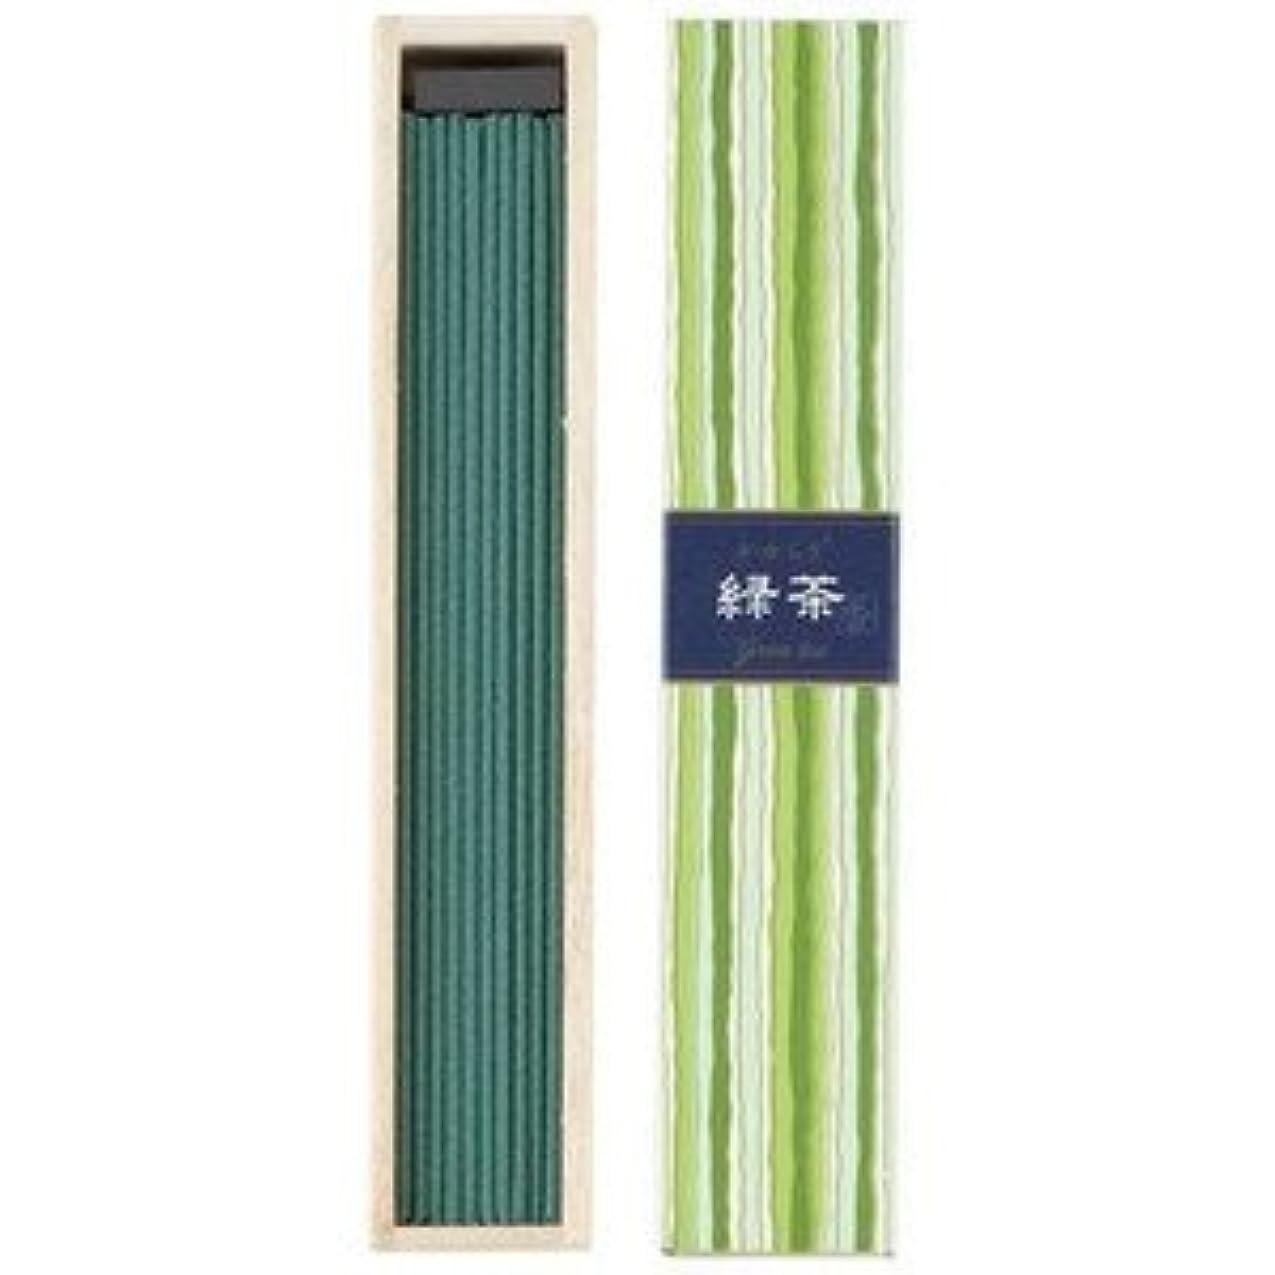 制裁悲惨ヒューバートハドソン日本香堂 かゆらぎスティック 緑茶